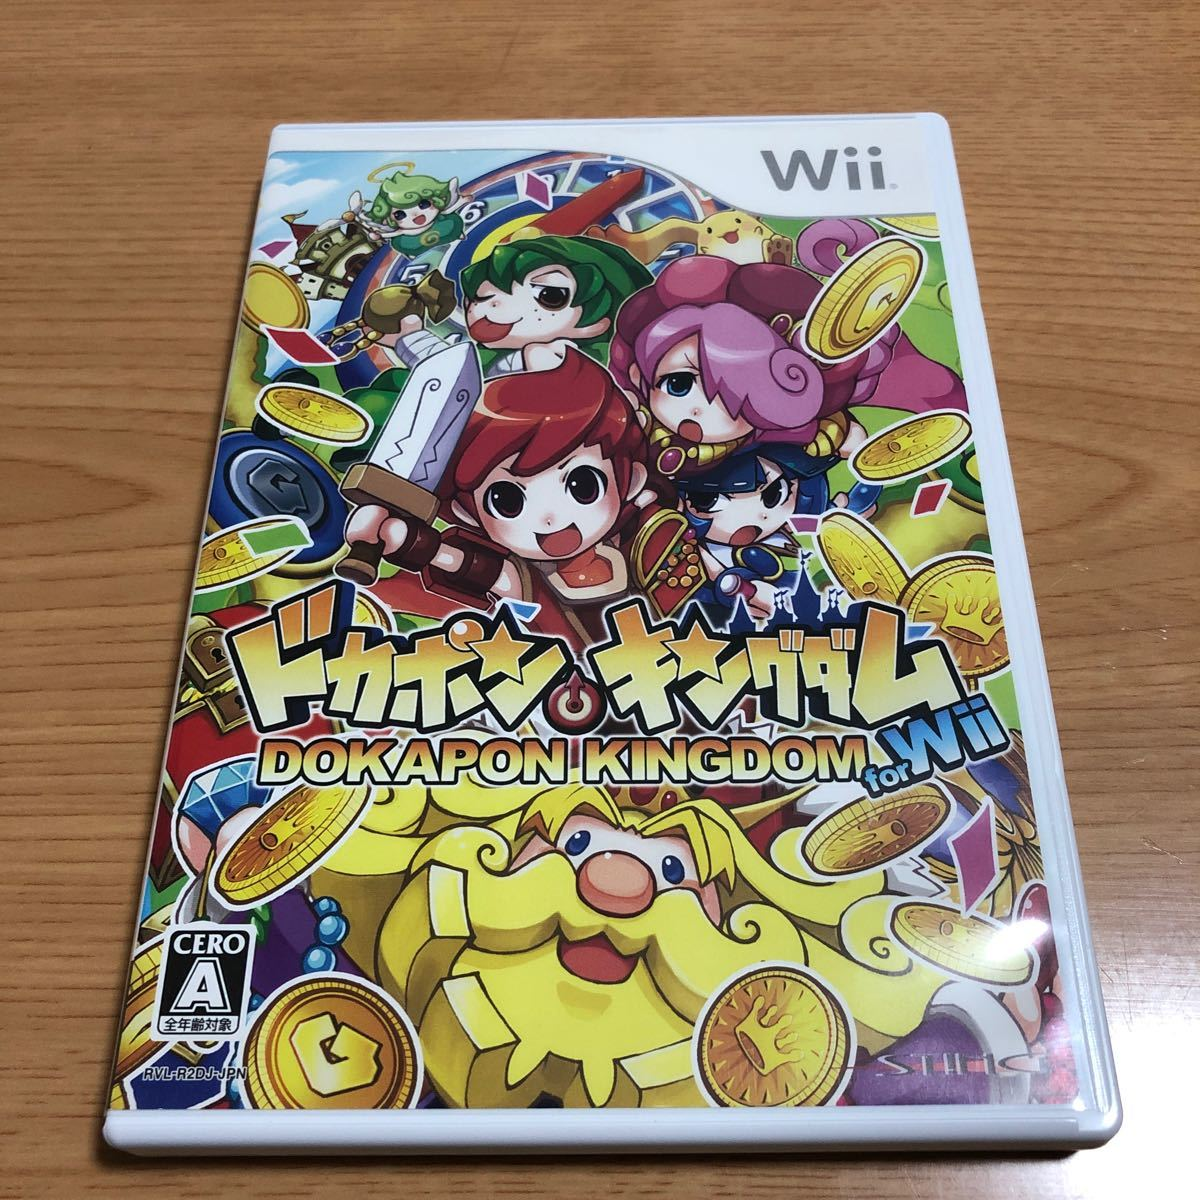 ドカポンキングダム for Wii ★レアソフト★